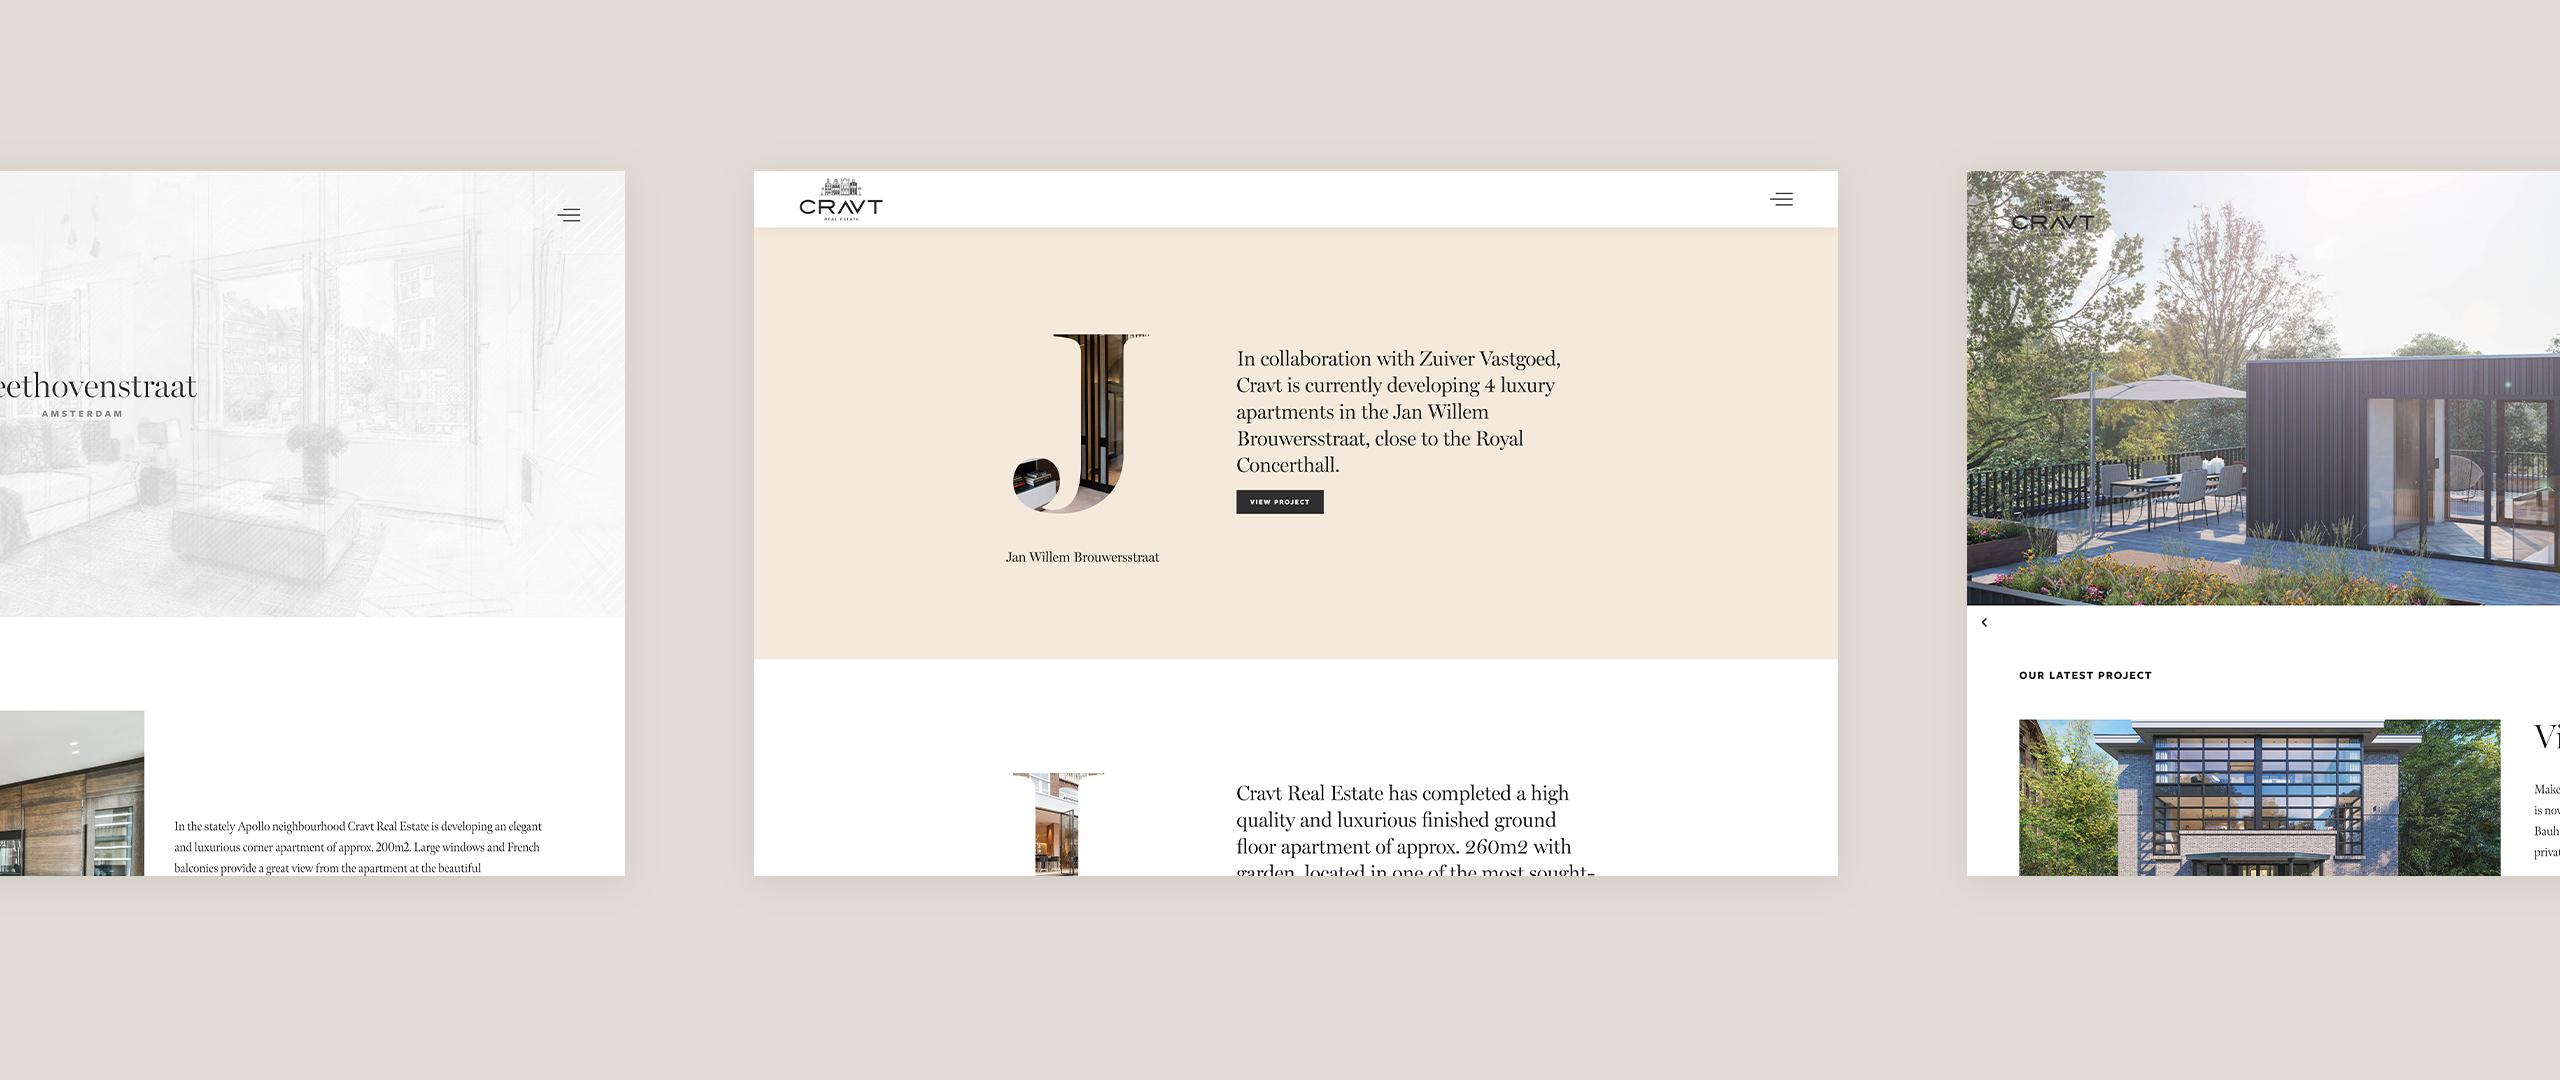 cravt realestate website 1